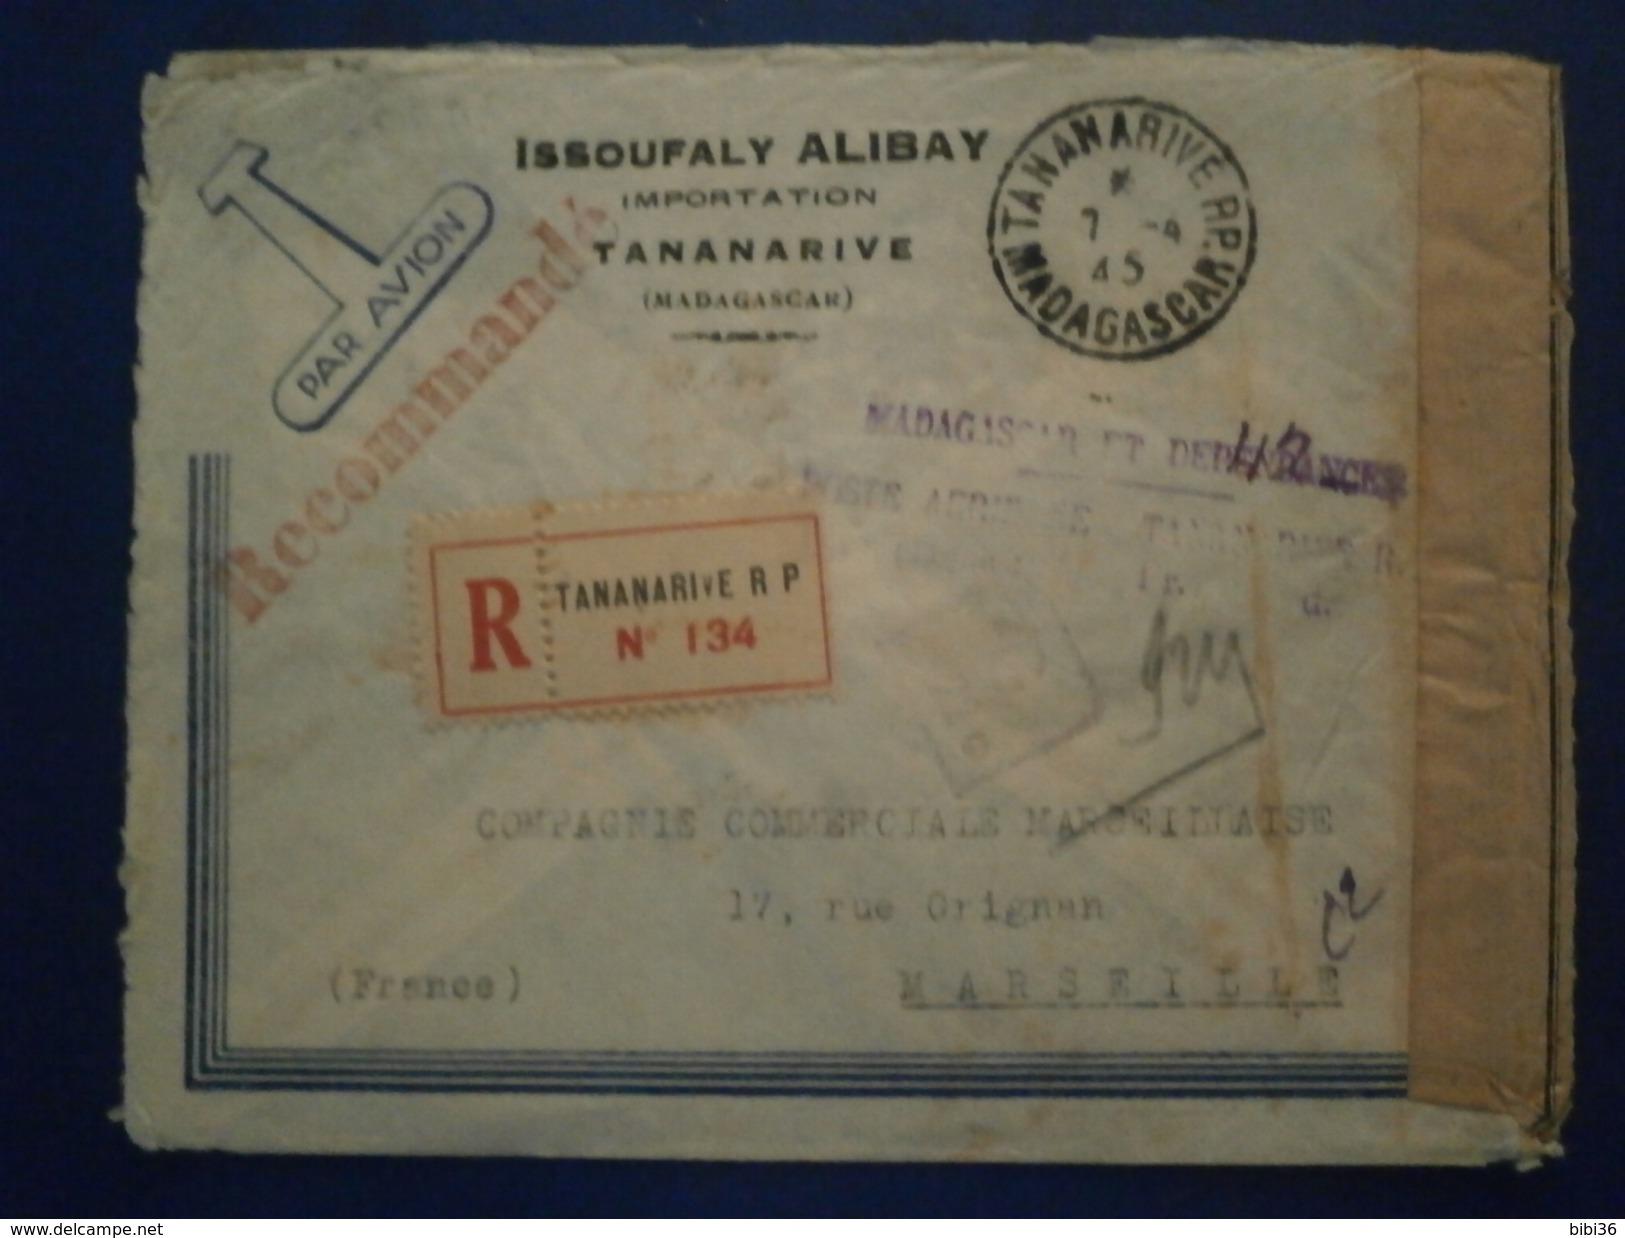 MADAGASCAR RECOMMANDEE GRIFFE POSTE AERIENNE NUMERAIRE TANAMARIVE CENSURE CACHET LETTRE ENVELOPPE ENV COVER LETTER - Madagascar (1889-1960)